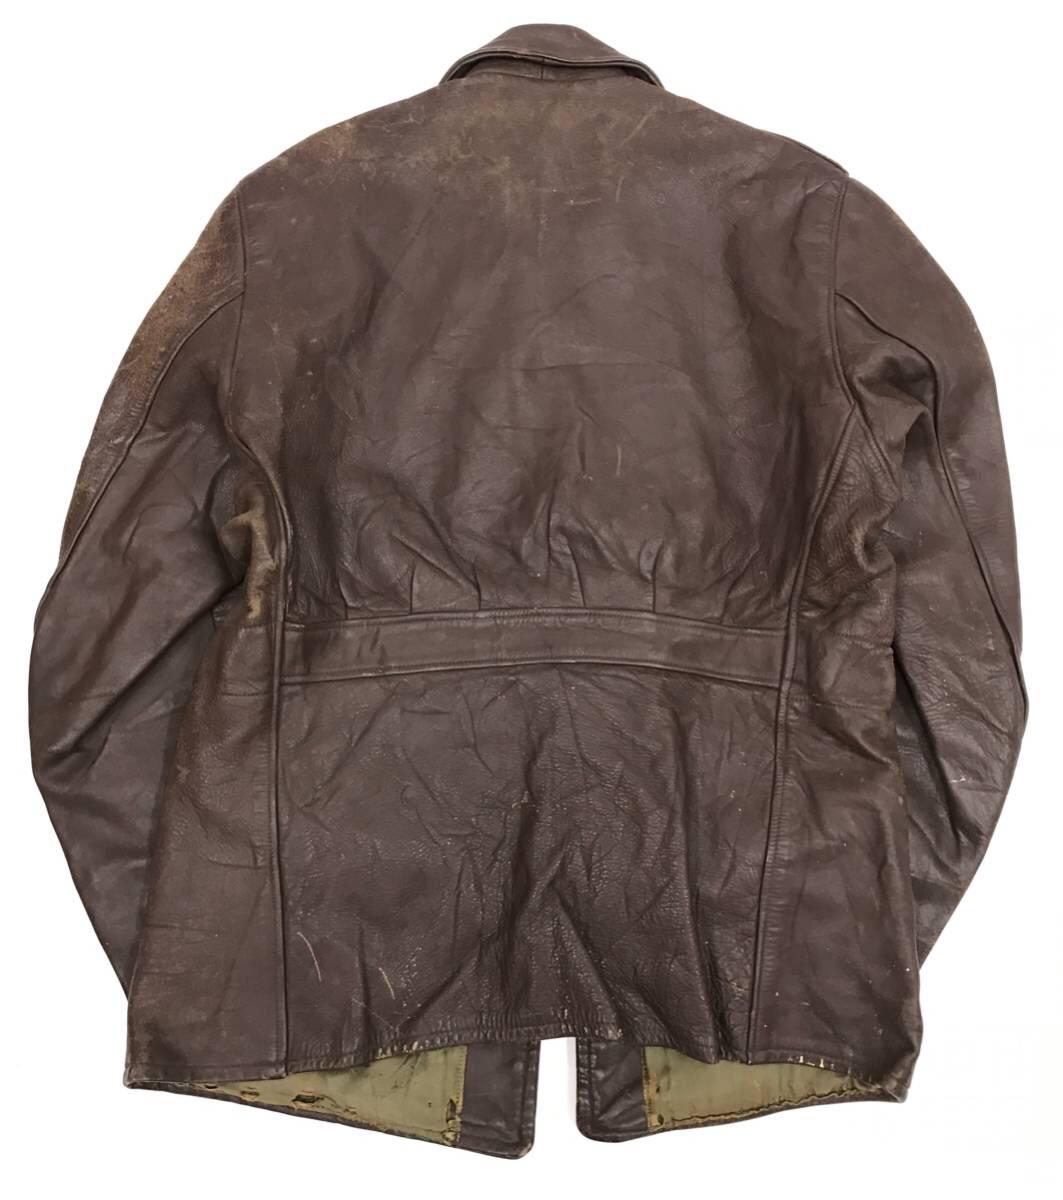 希少 40s ビンテージ レザー カーコート ジャケット 変形ポケット カウレザー スポジャケ 1940年代 ブラウン Sportwear 社_画像2